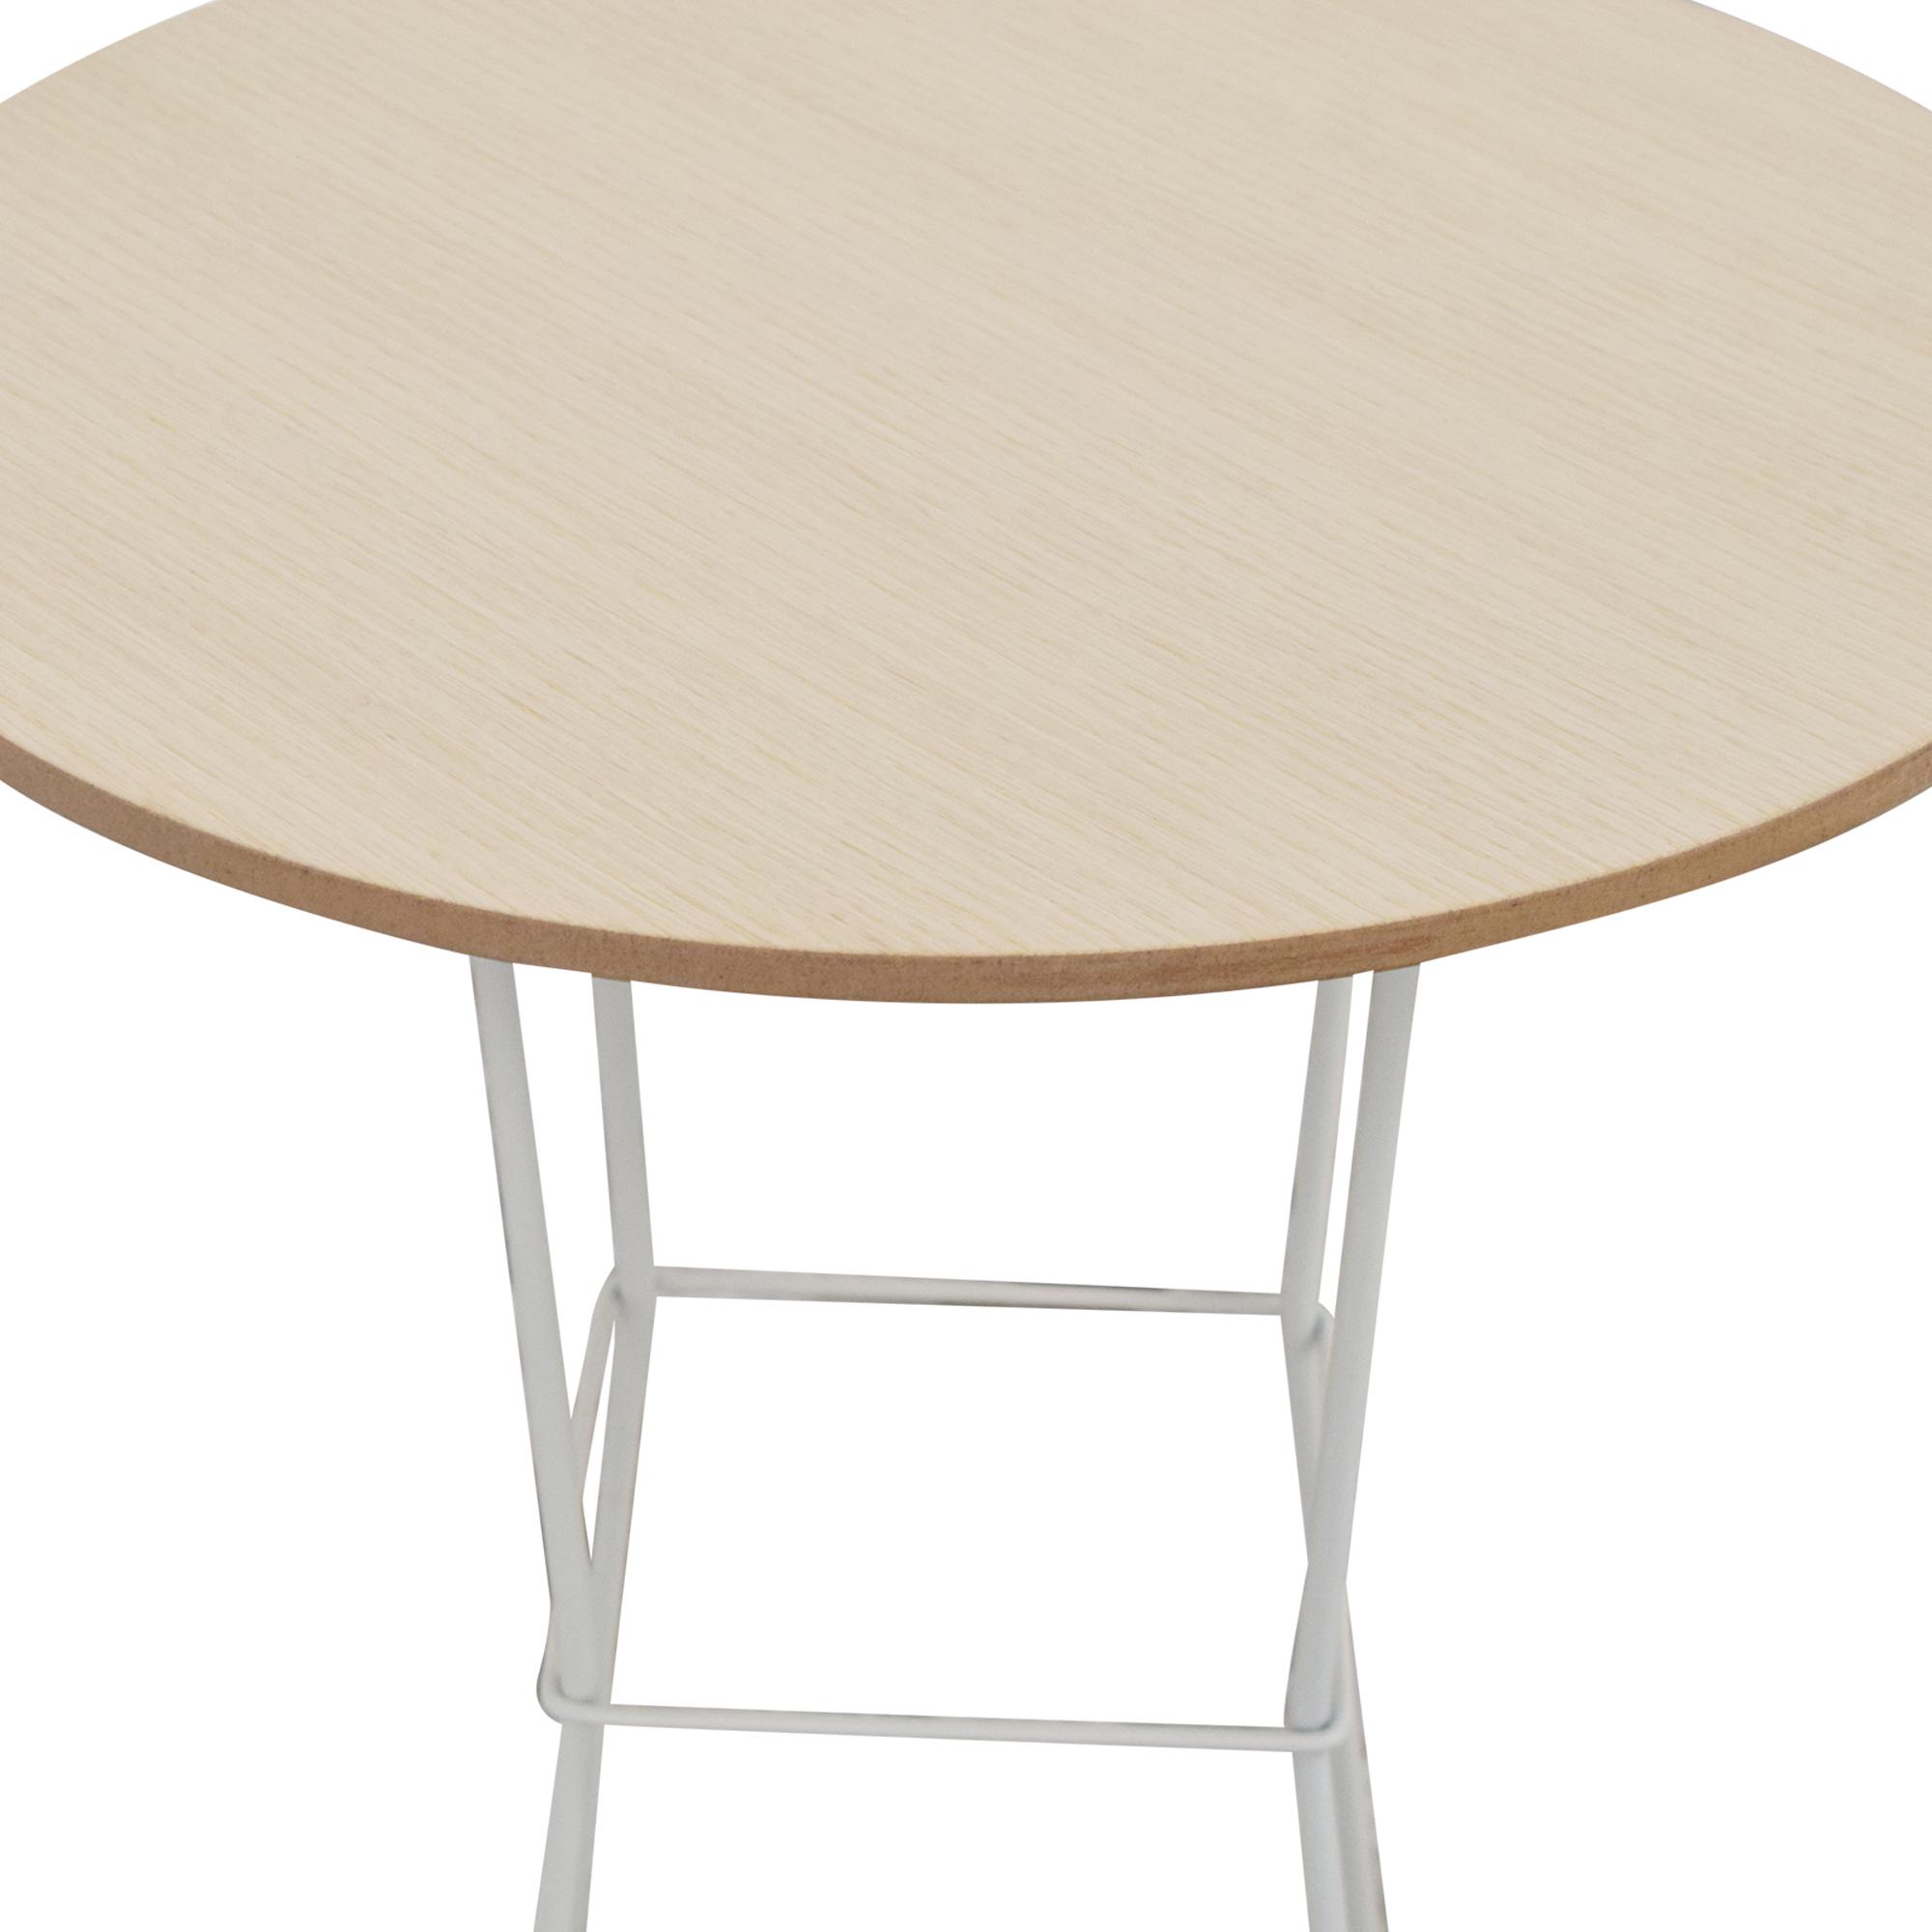 Koleksiyon Koleksiyon Plan Round Coffee Table or Side Table on sale